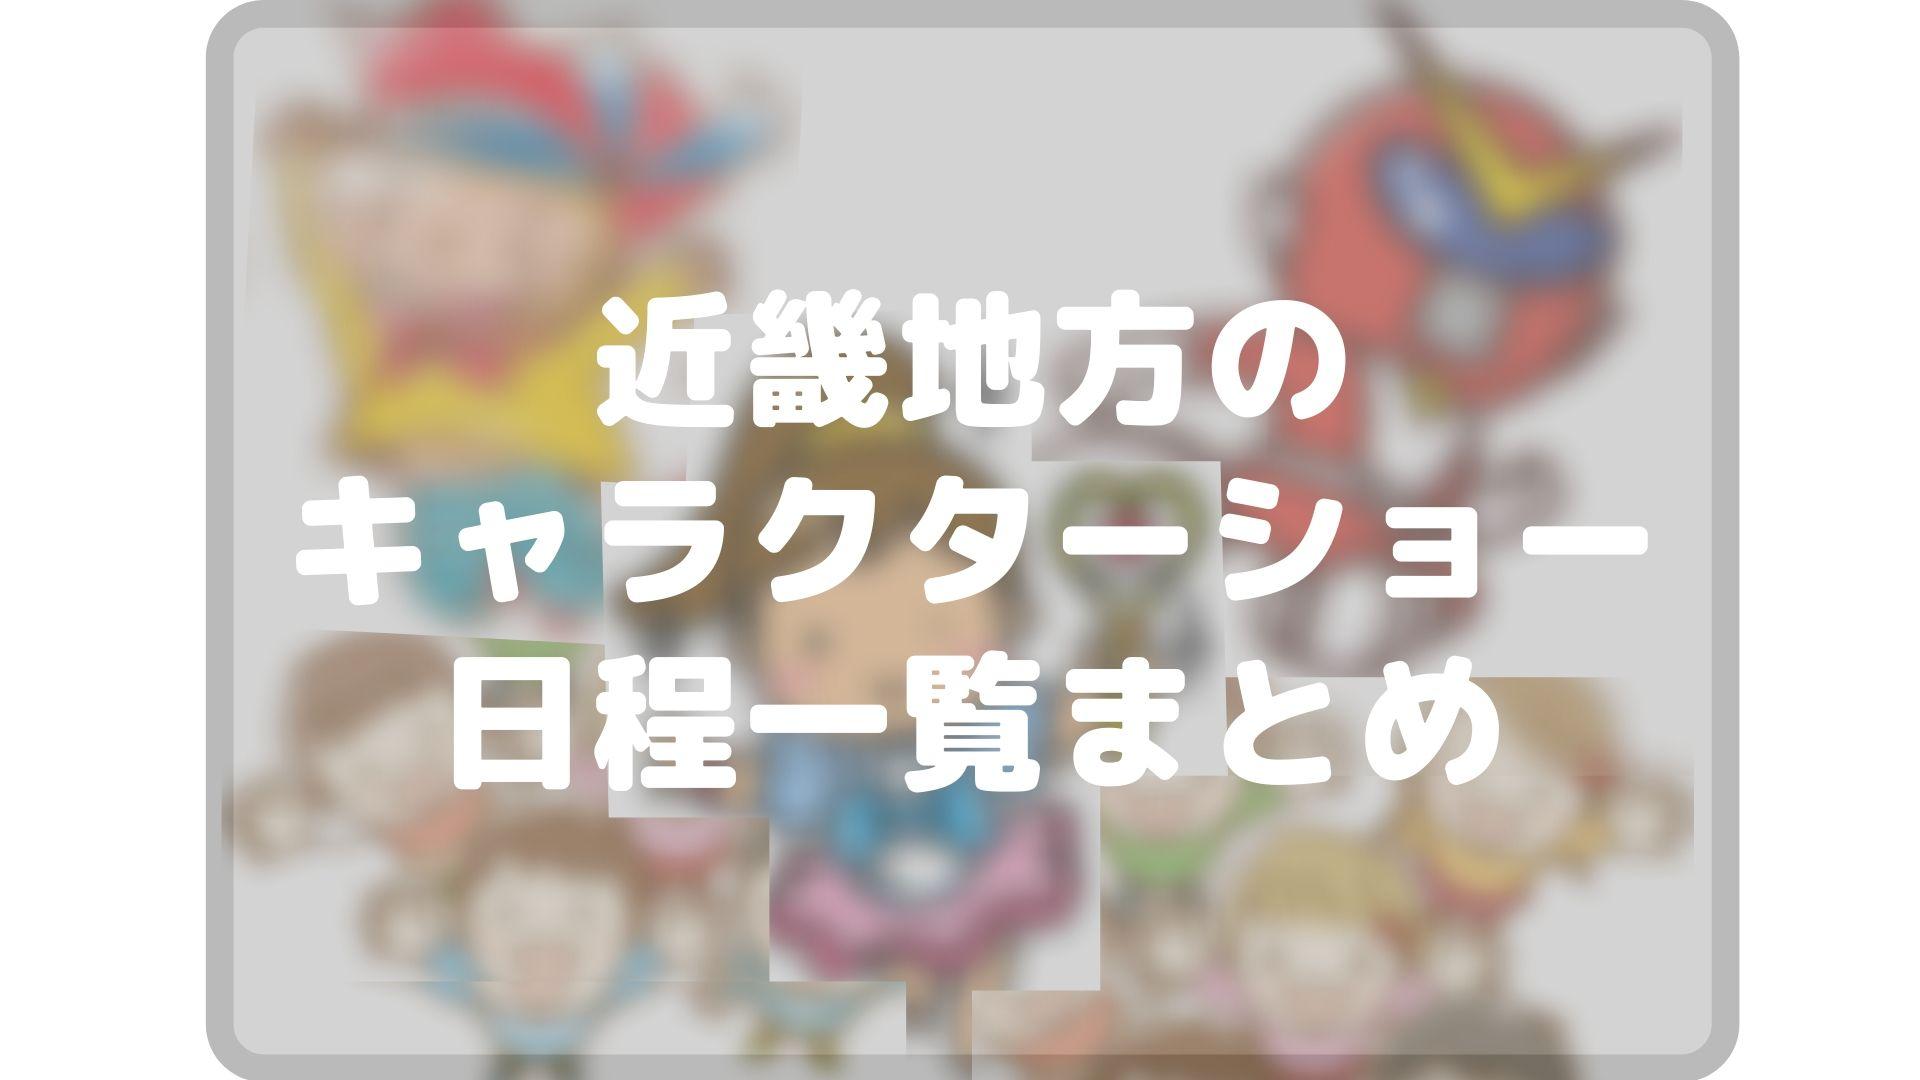 近畿地方のキャラクターショーまとめタイトル画像